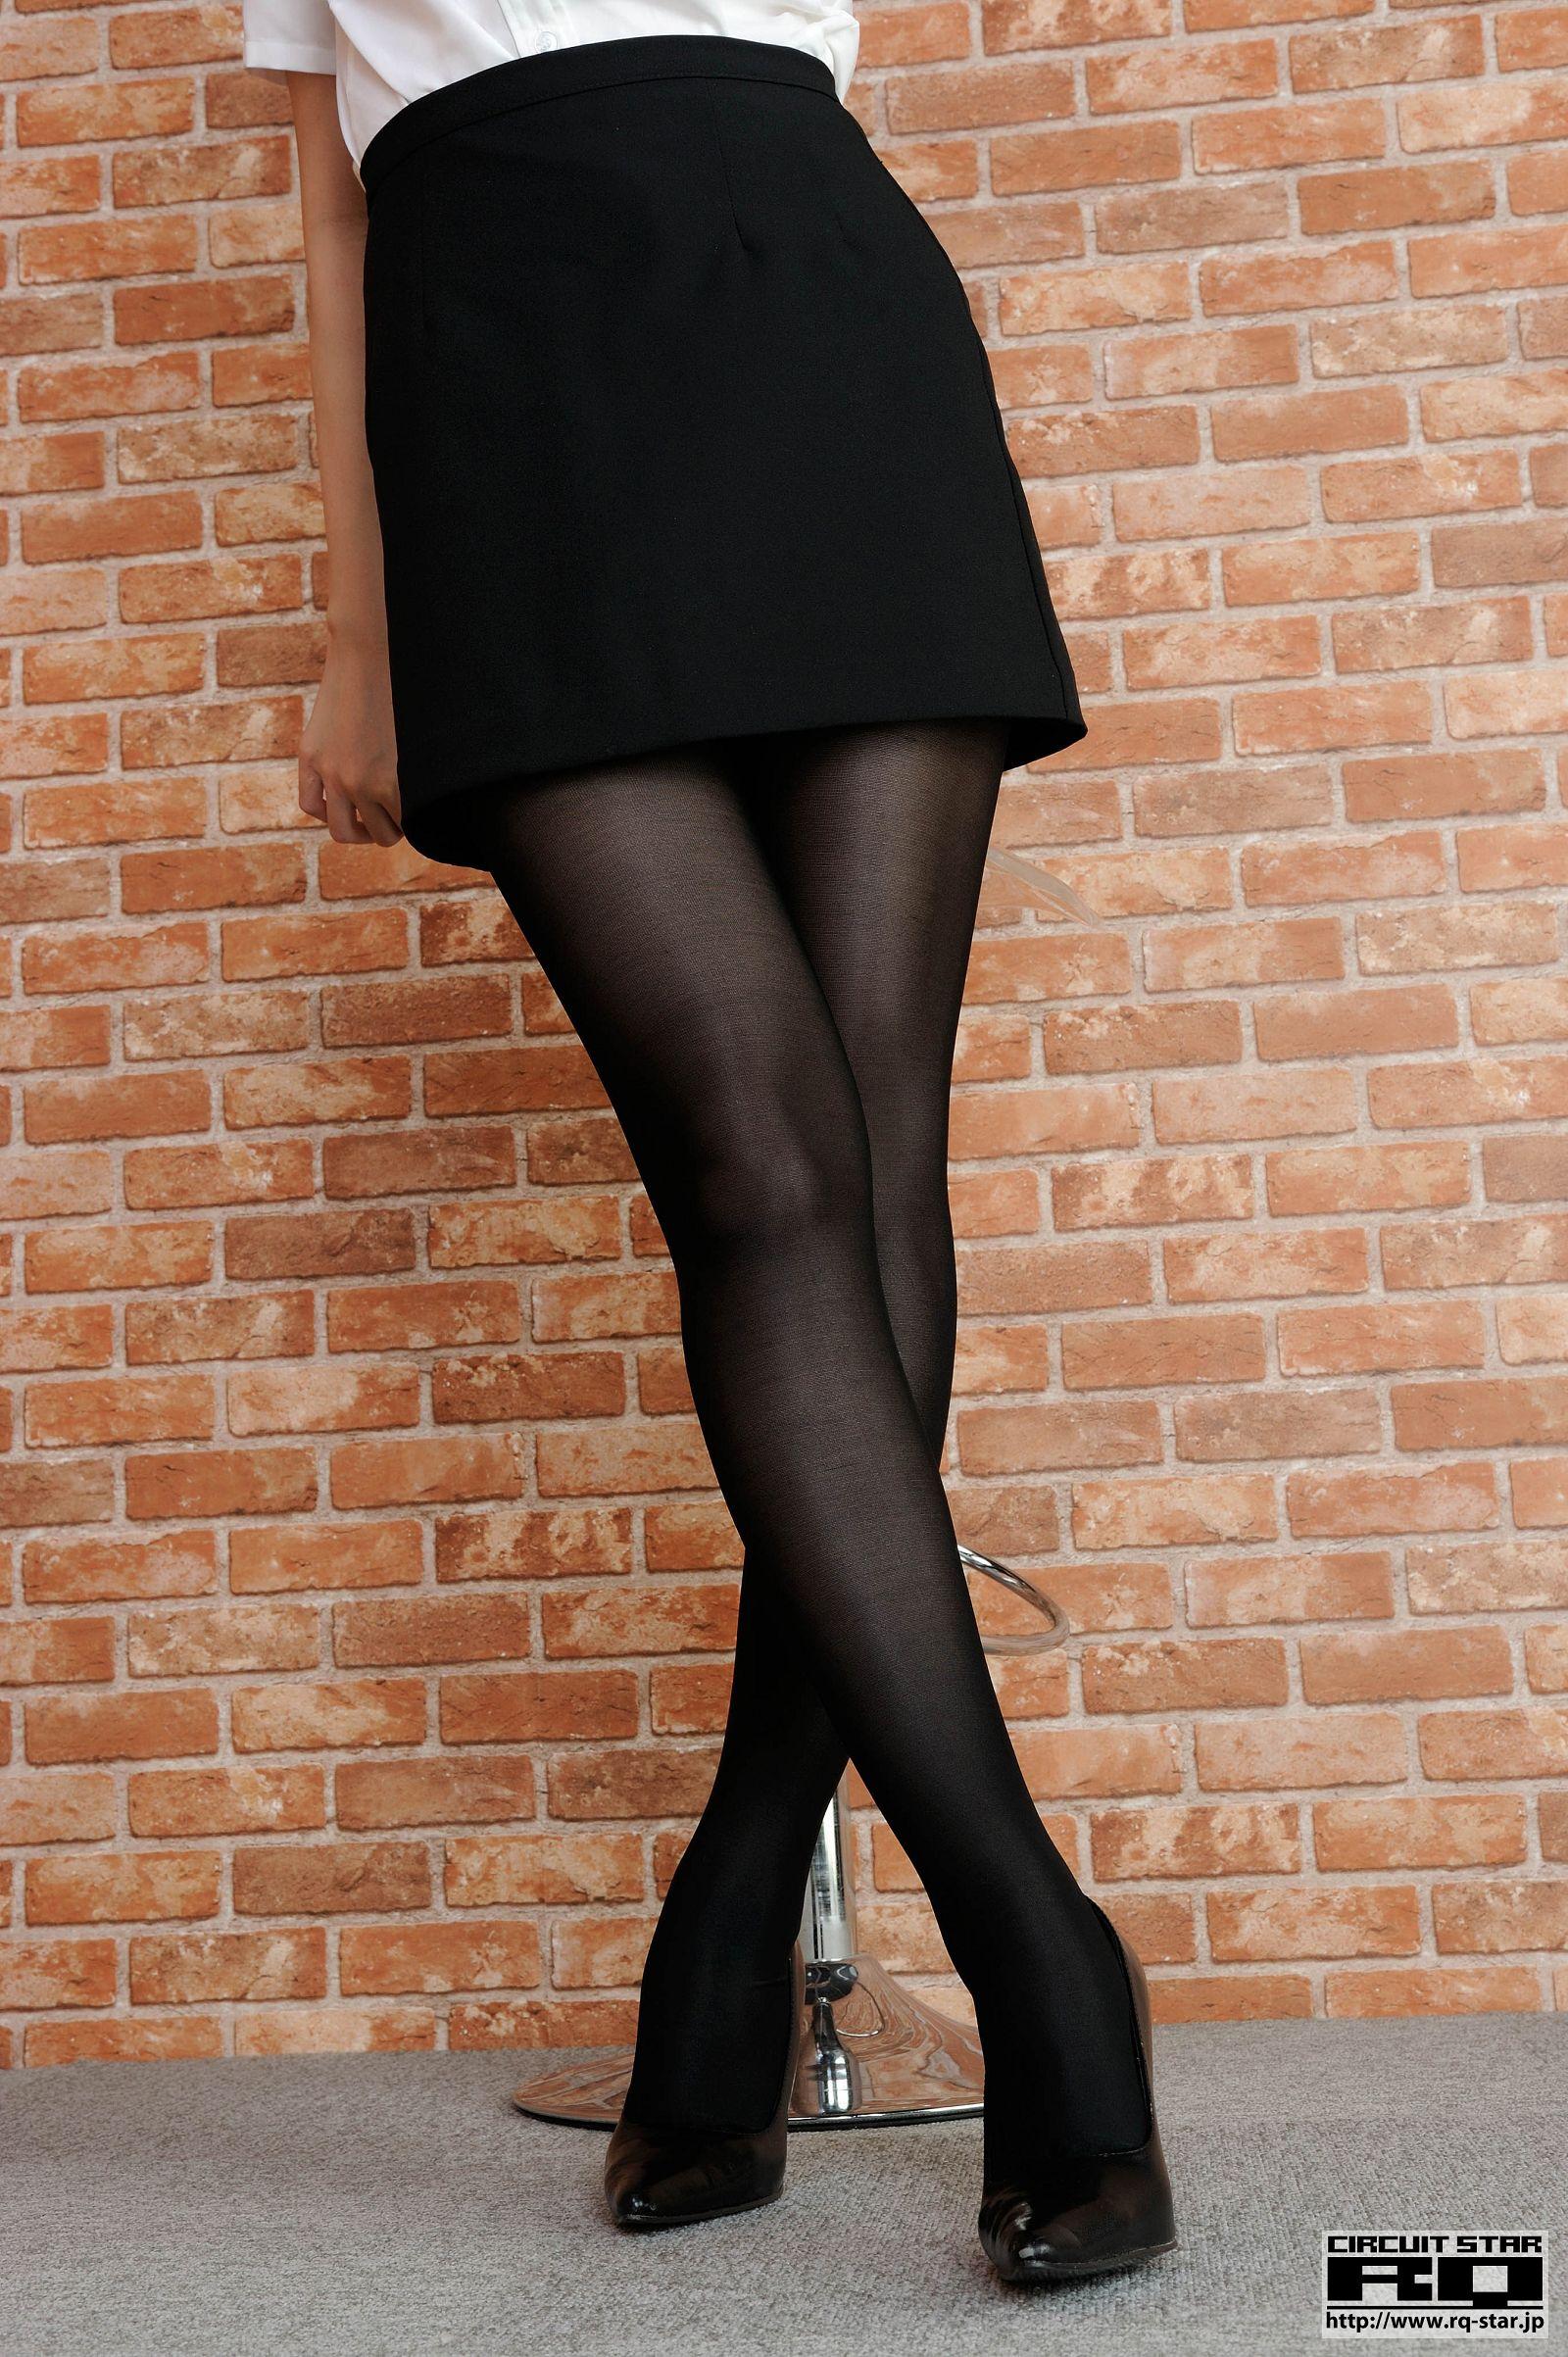 [RQ STAR美女] NO.00663 Aoi Shirakawa 白河あおい Office Lady[125P] RQ STAR 第2张